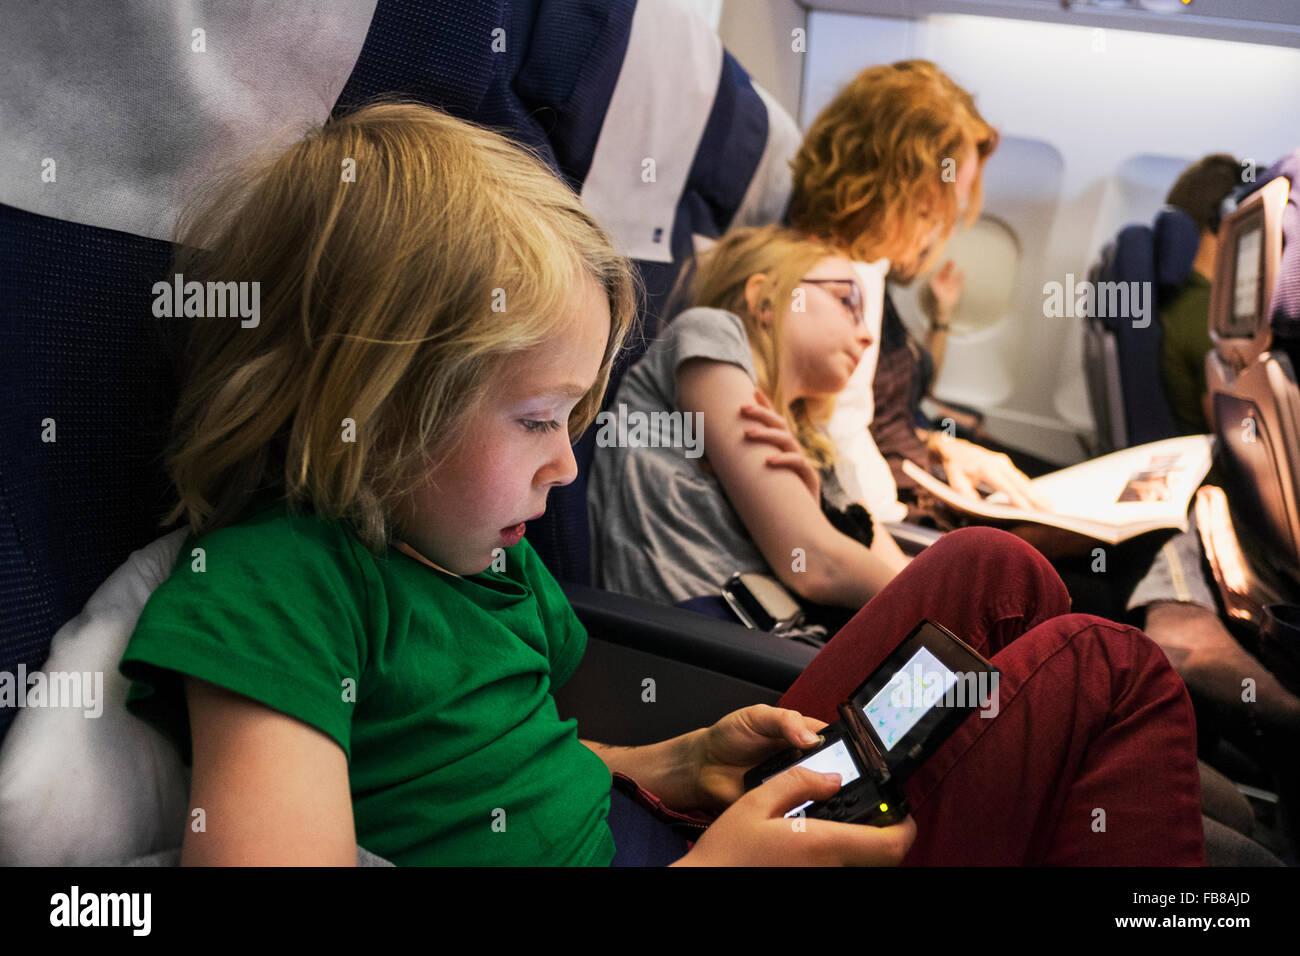 La Svezia, Madre che viaggiano in aereo con i bambini (6-7, 10-11) Immagini Stock